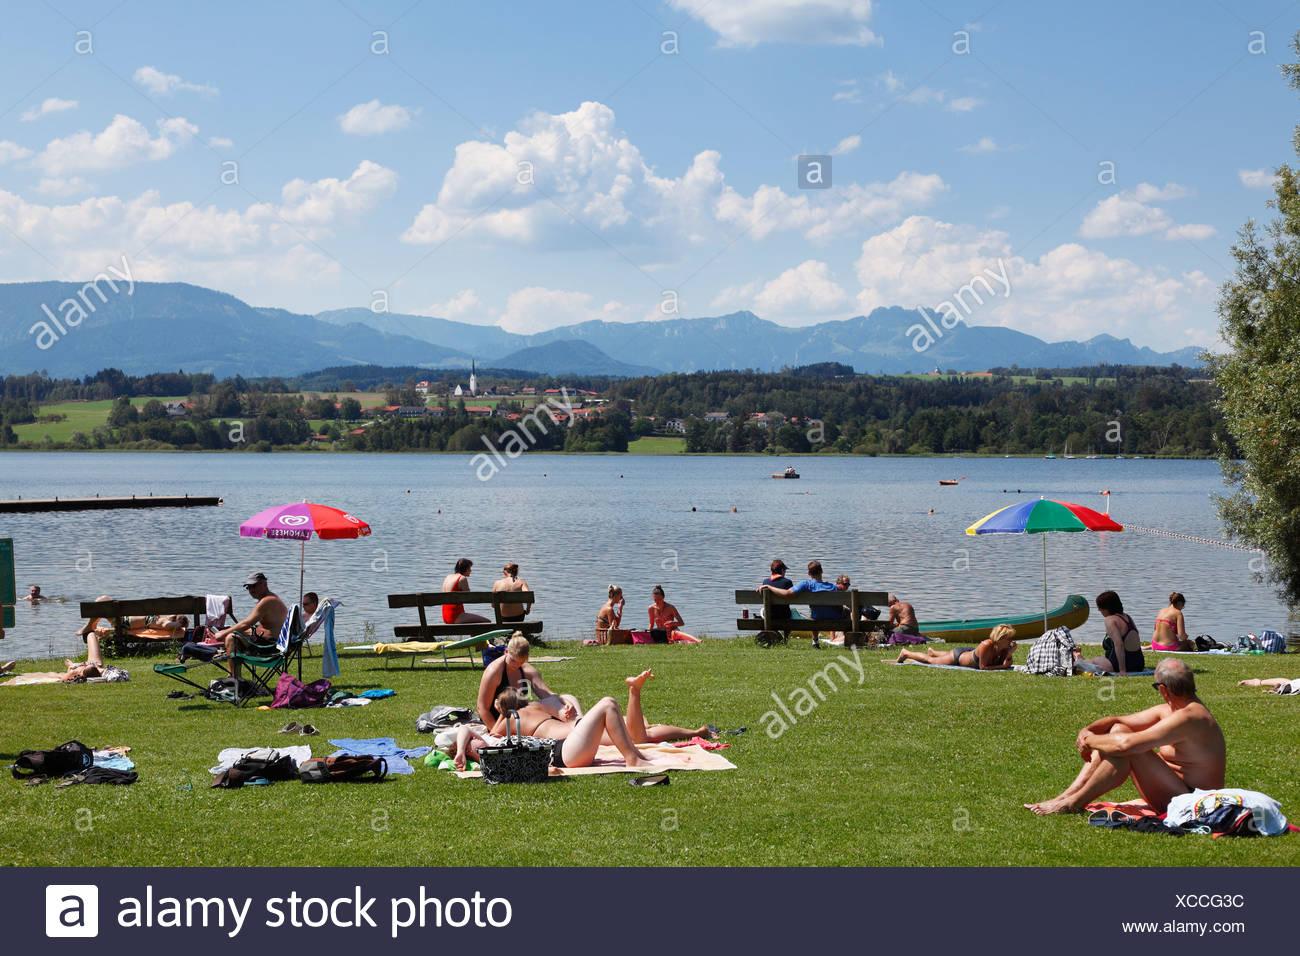 Holidaymakers sunbathing at Simssee lake near Stephanskirchen, Neukirchen at back, Chiemgau, Upper Bavaria, Bavaria - Stock Image